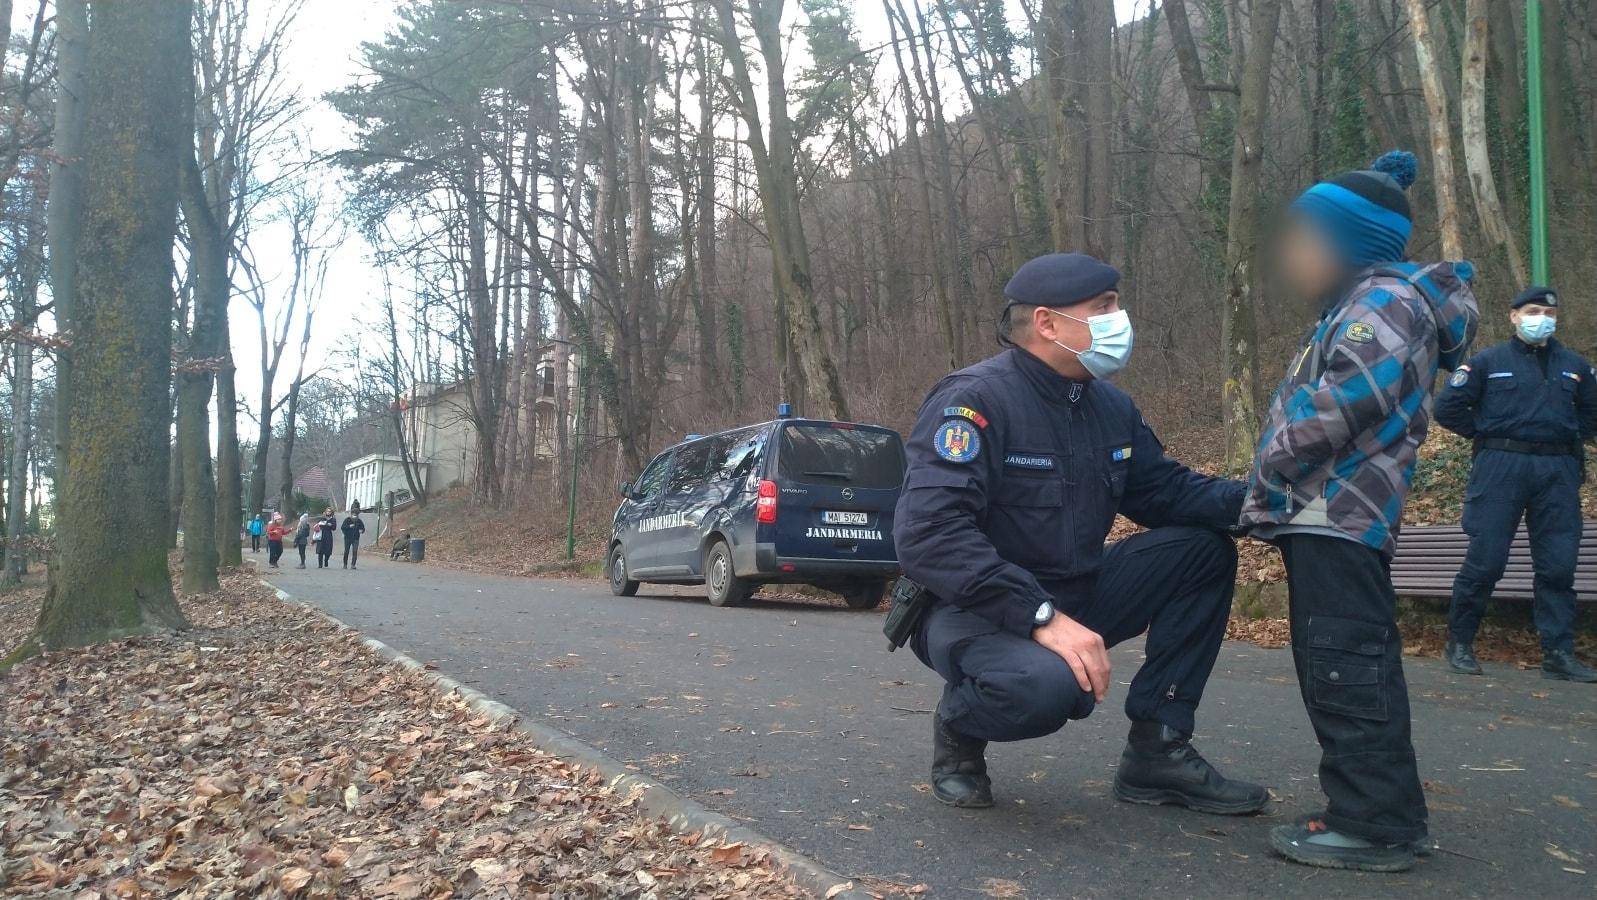 Un băiețel de 5 ani, care se rătăcise aseară Sub Tâmpa, a avut norocul să se întâlnească cu un echipaj al Jandarmeriei. Micuțul era înfrigurat și încerca să găsească drumul spre… Postăvarul – Biz Brasov